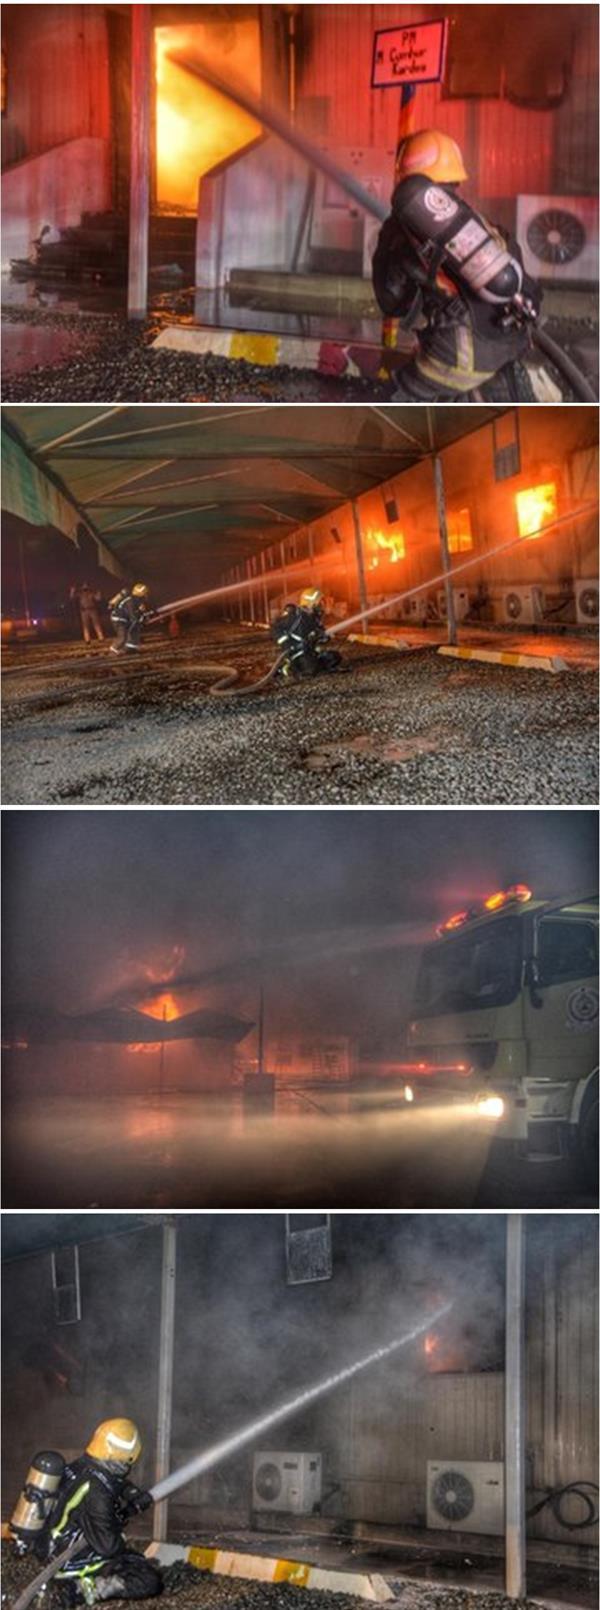 الدفاع المدني بجدة يباشر الحريق الذي نشب في عدد من المكاتب المؤقتة للمقاول